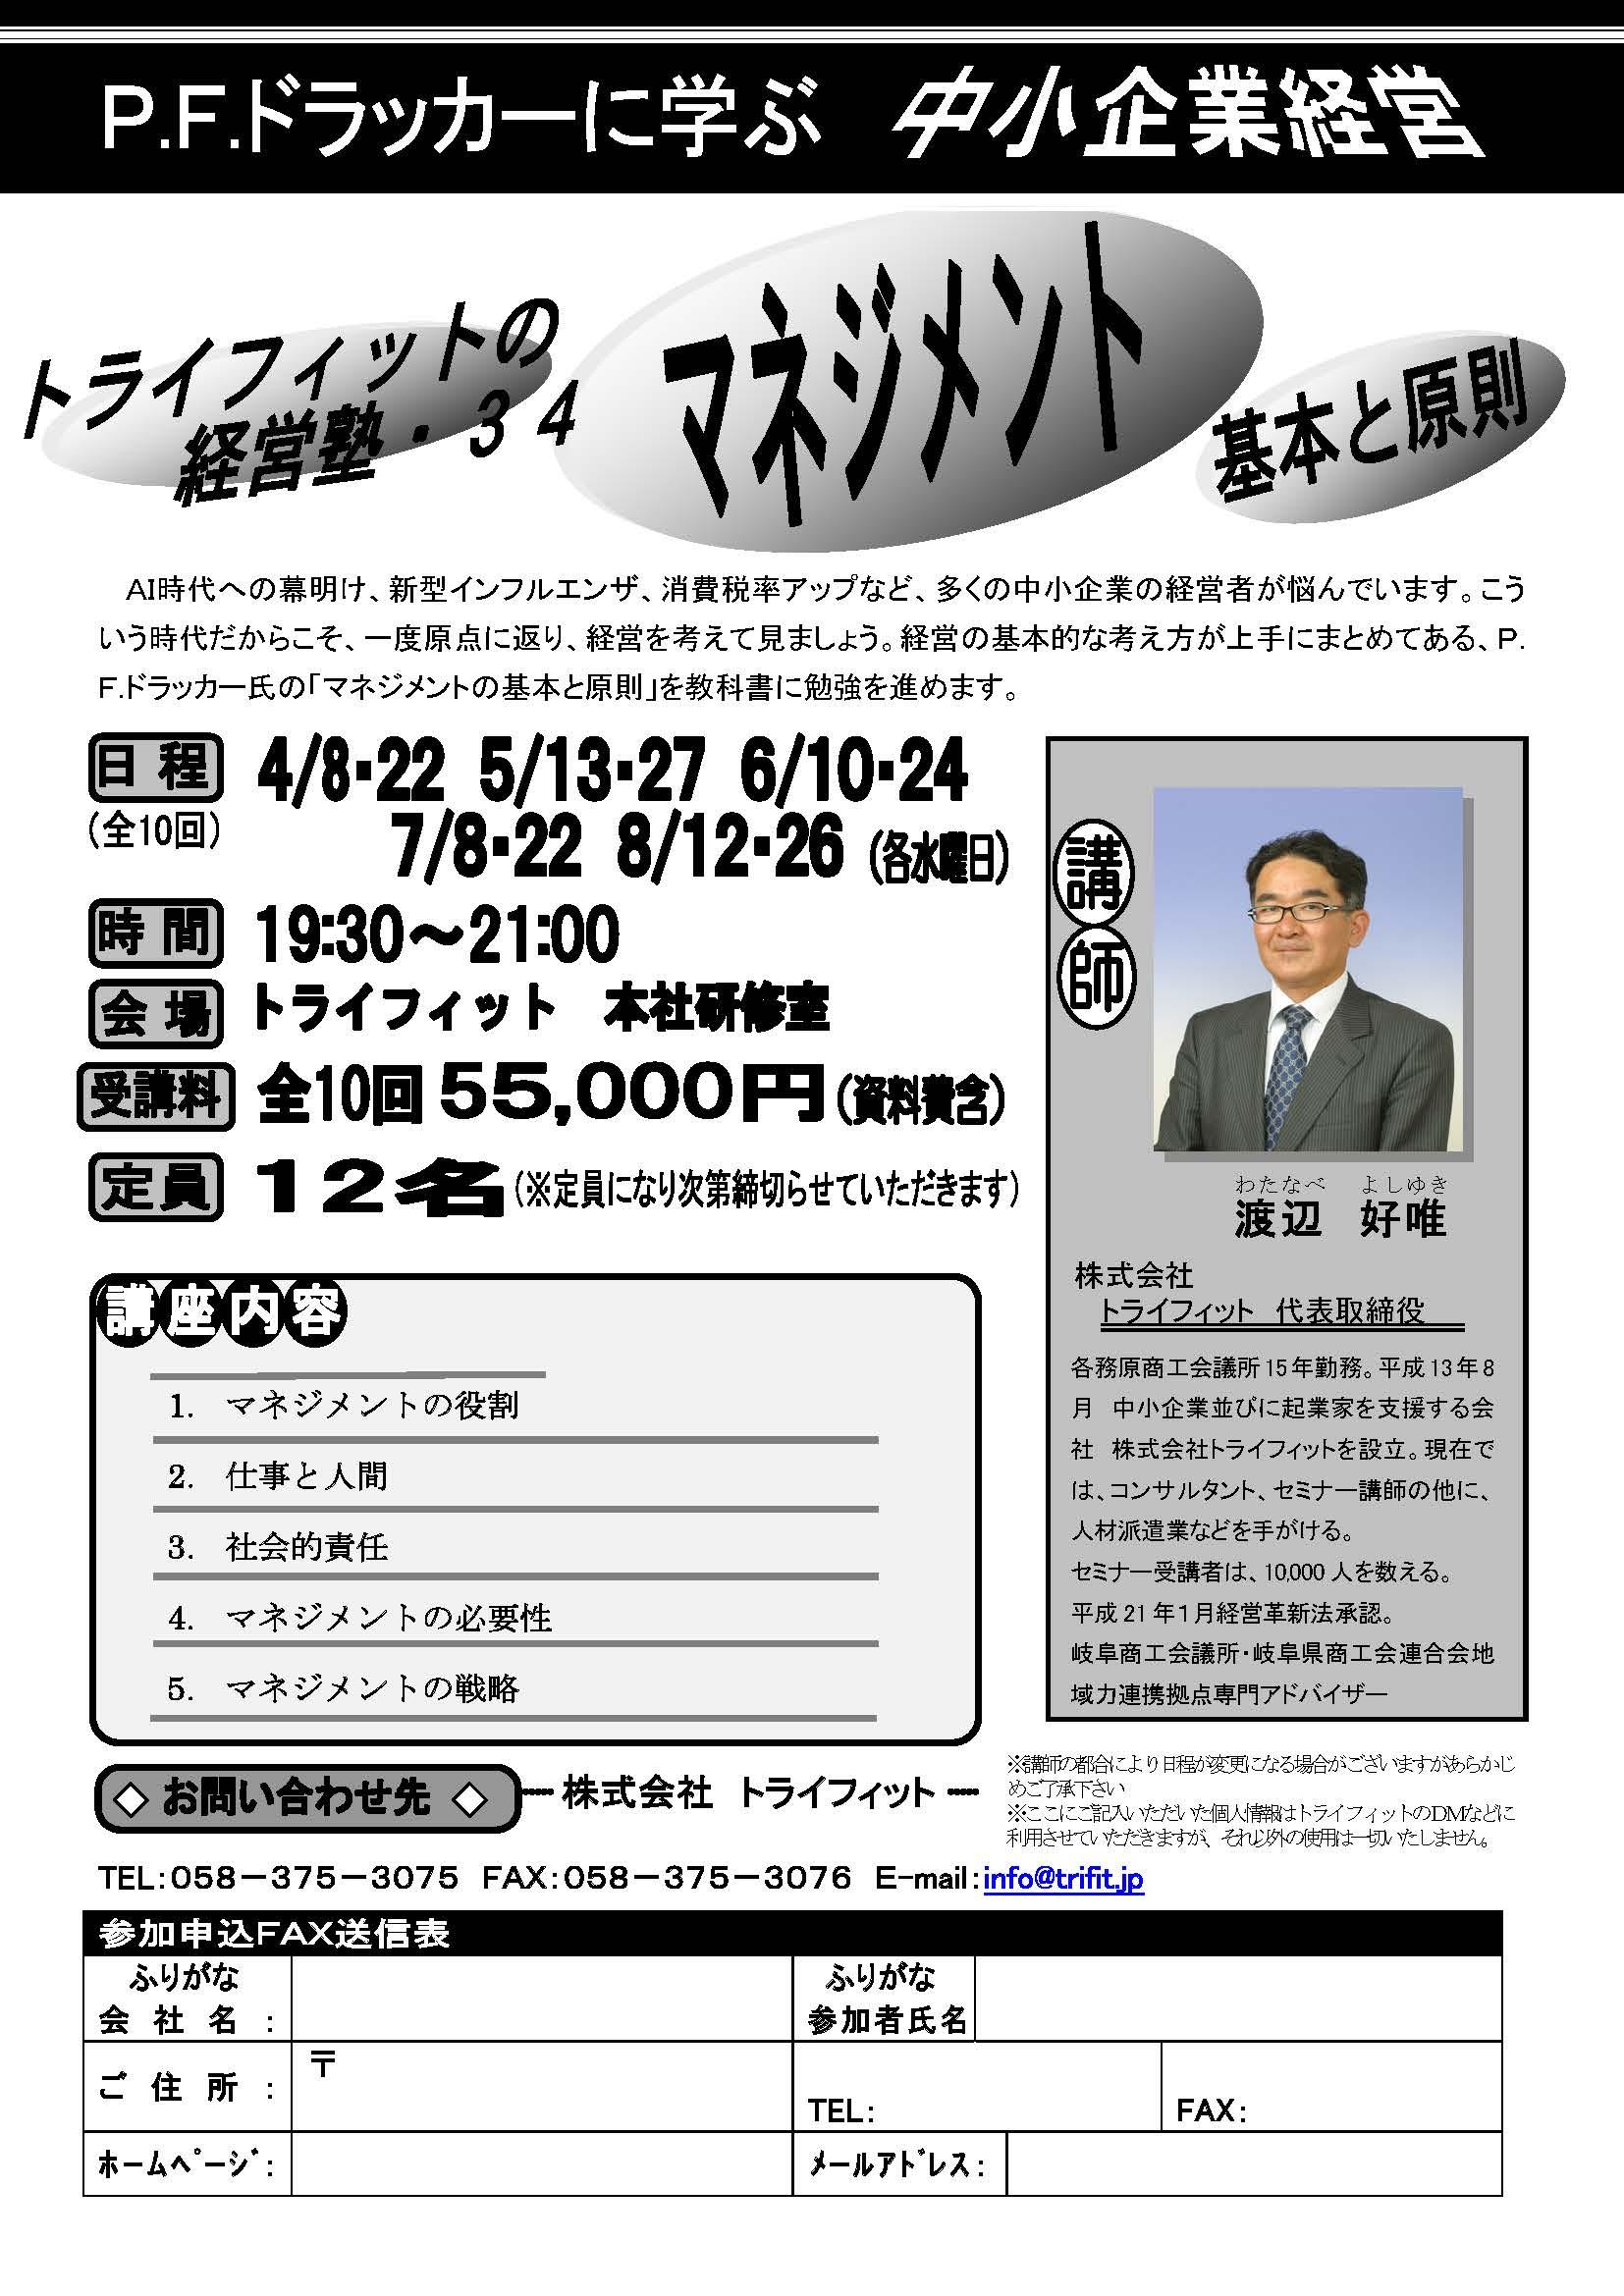 マネジメントセミナーチラシ202004